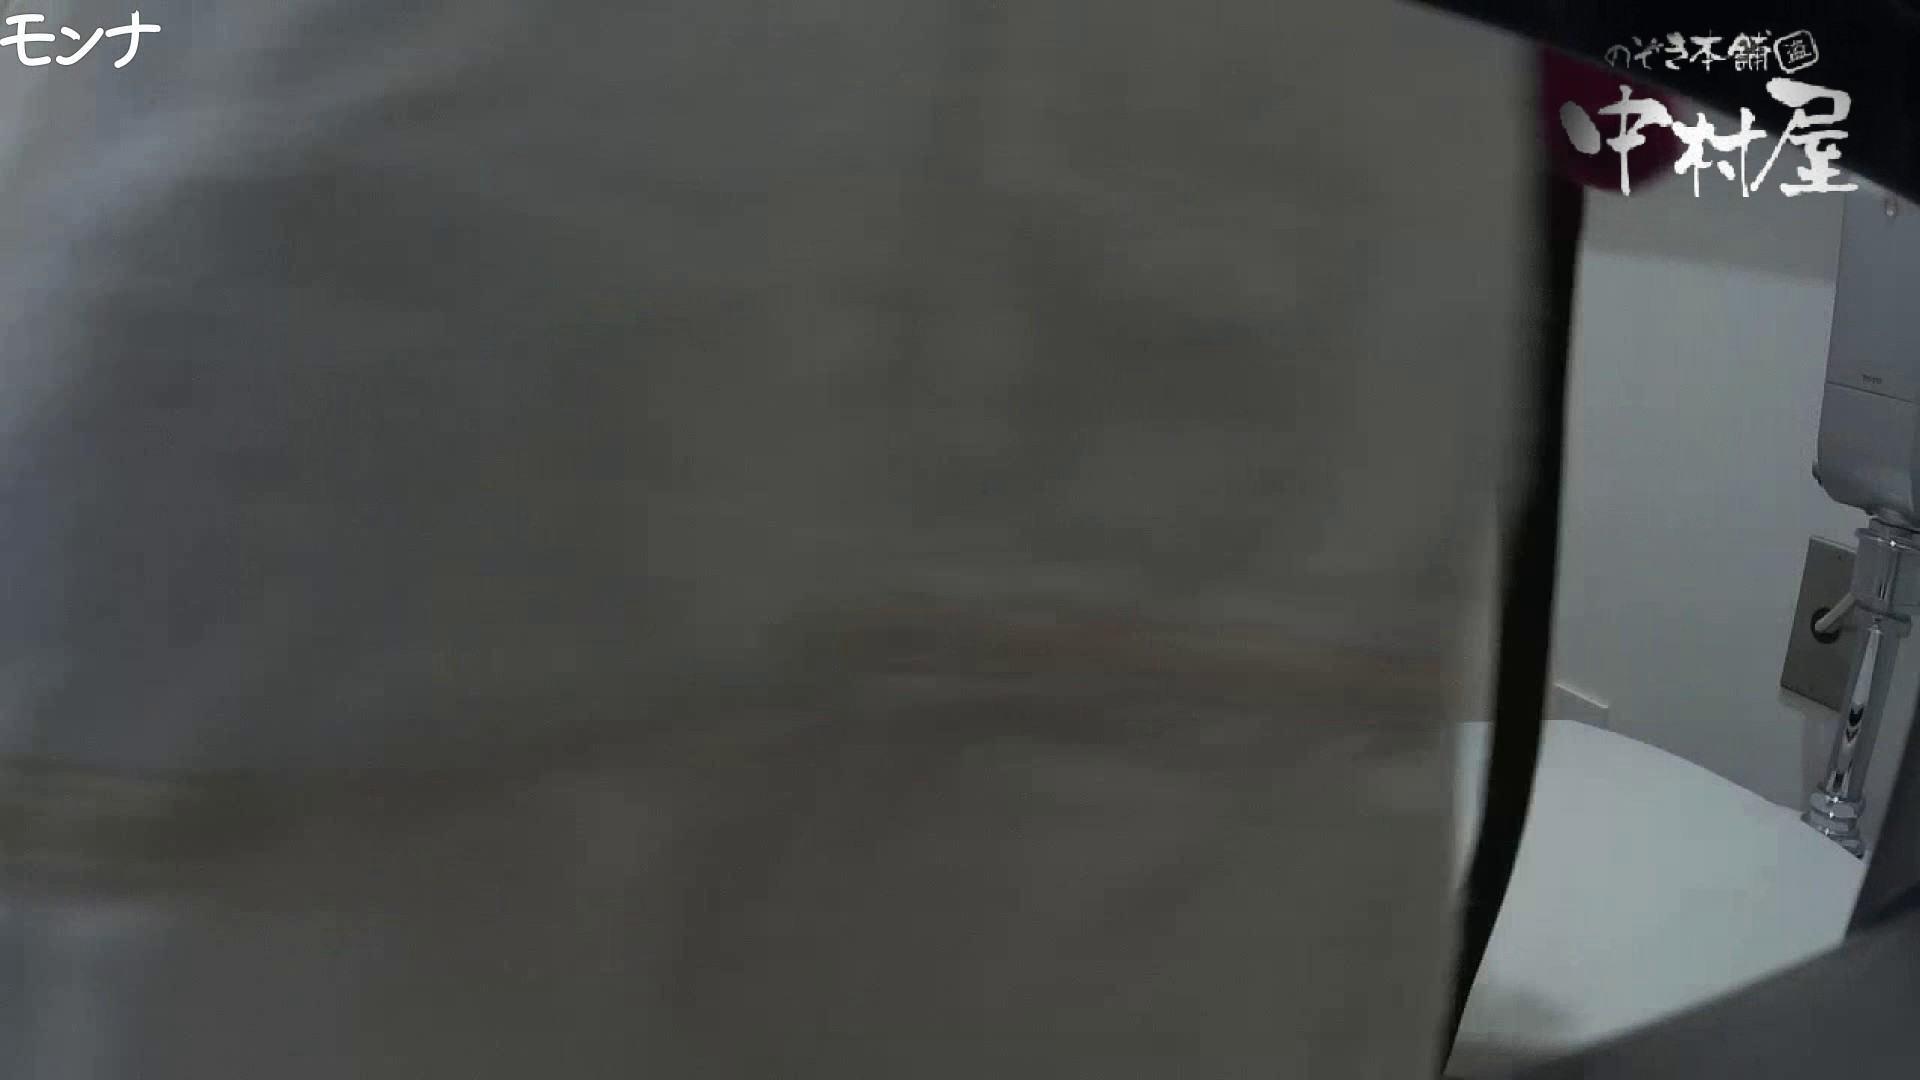 有名大学女性洗面所 vol.65 秘技!!マルチアングル天井撮り!! 和式 | 洗面所  91pic 71